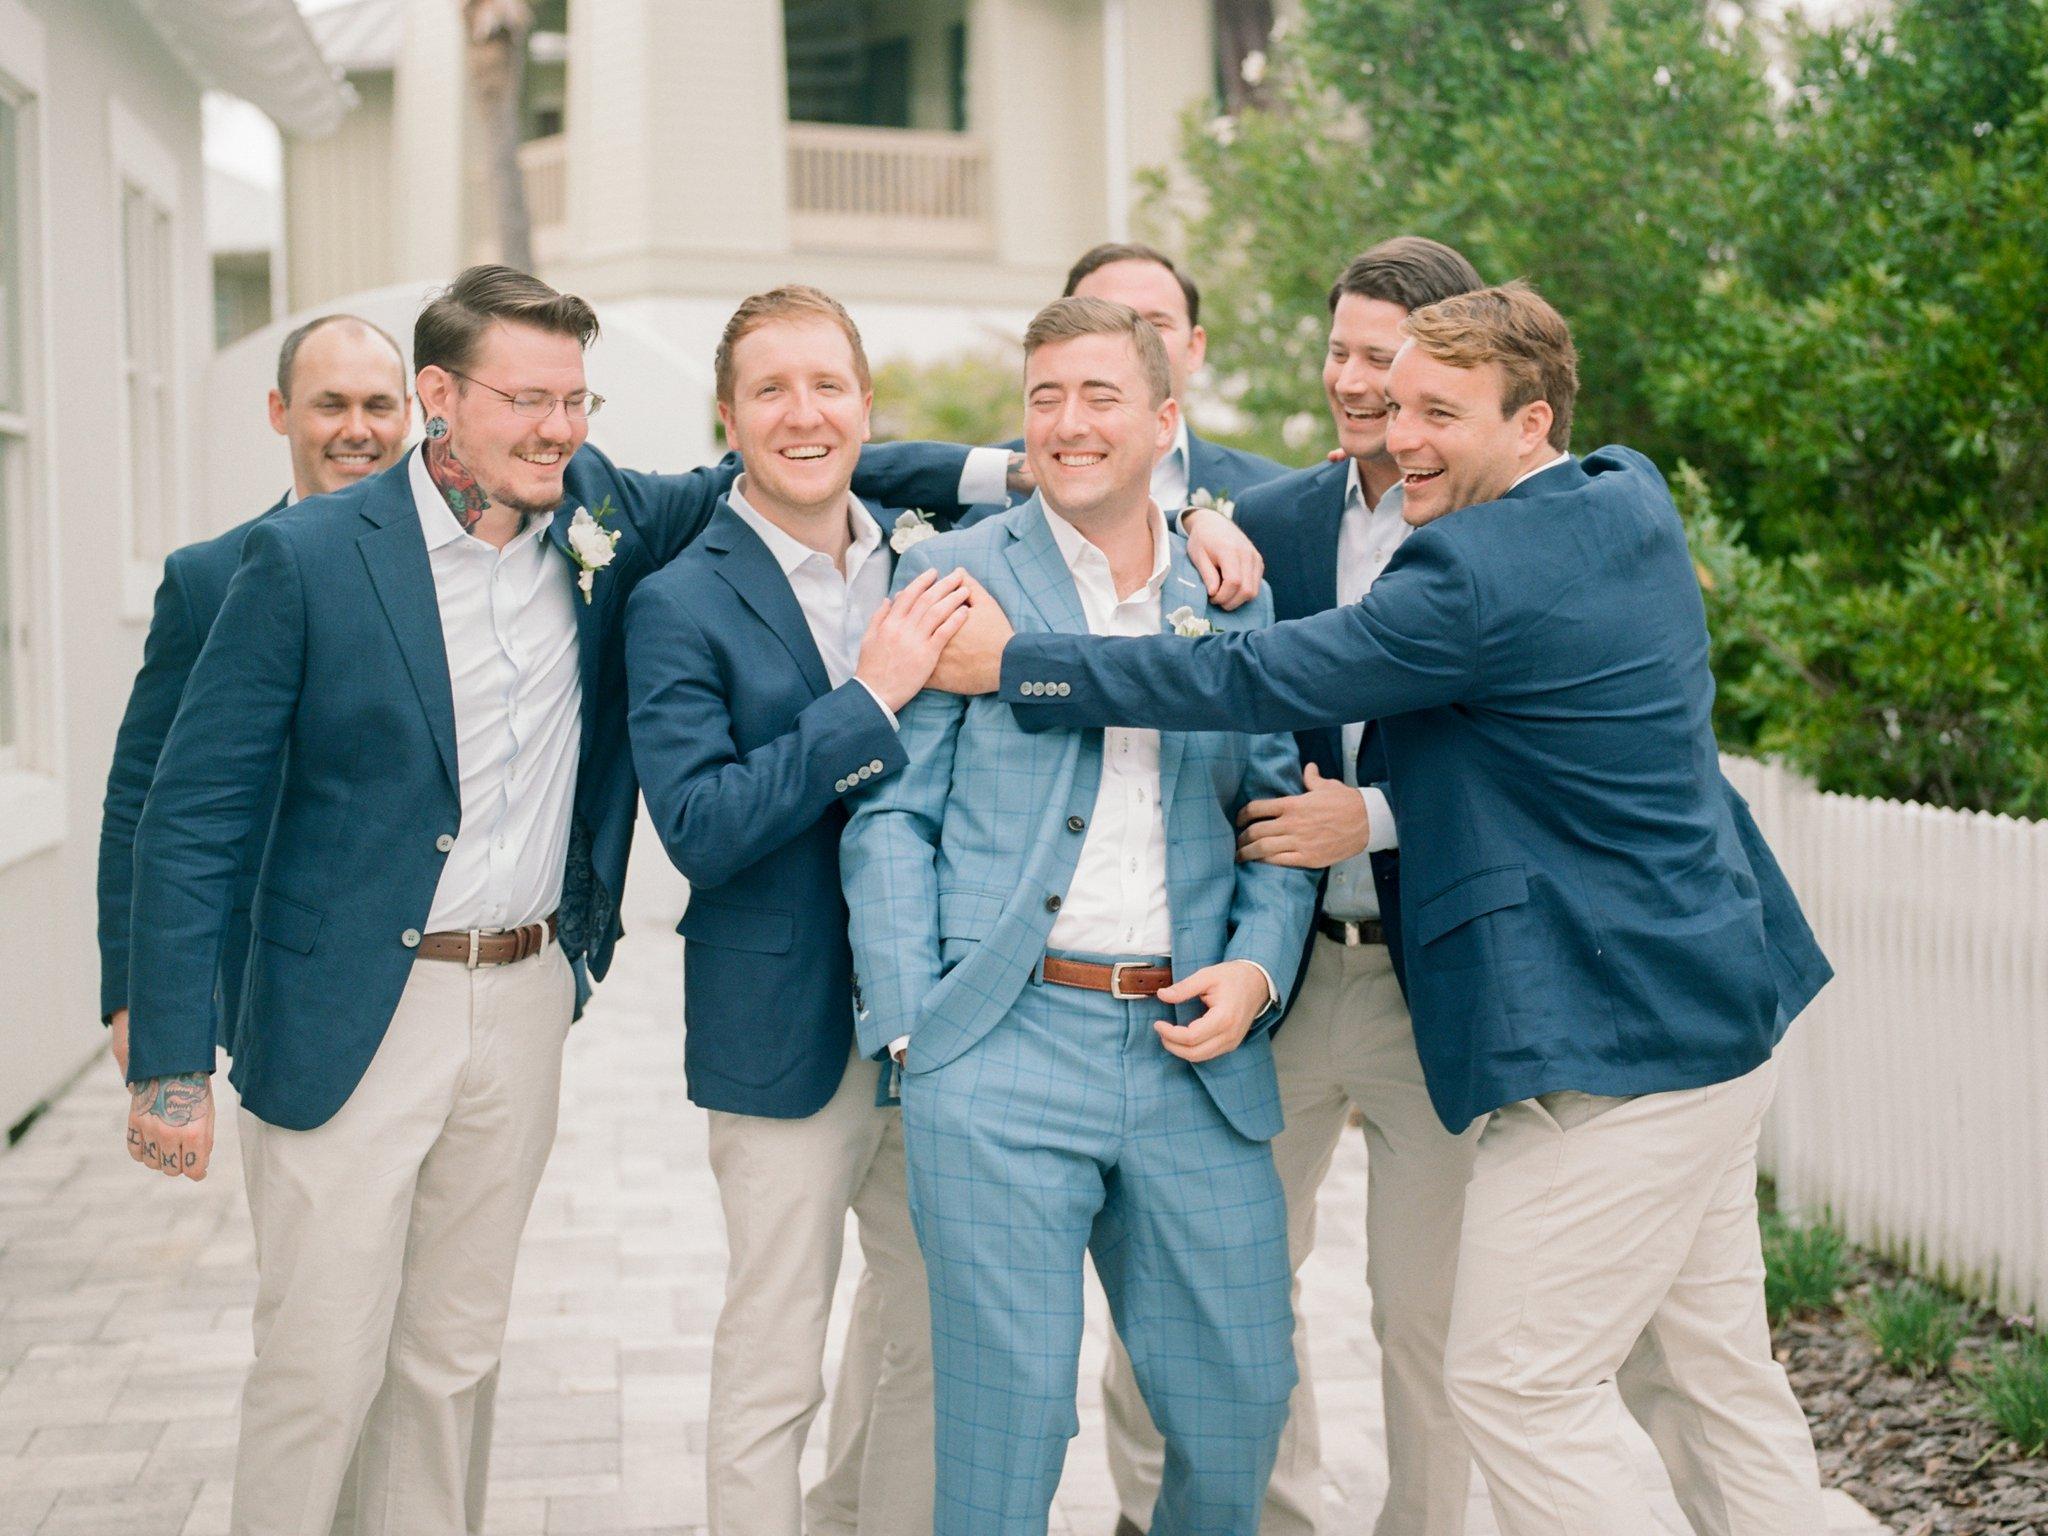 carillon beach wedding photographer shannon griffin photographer_0020.jpg